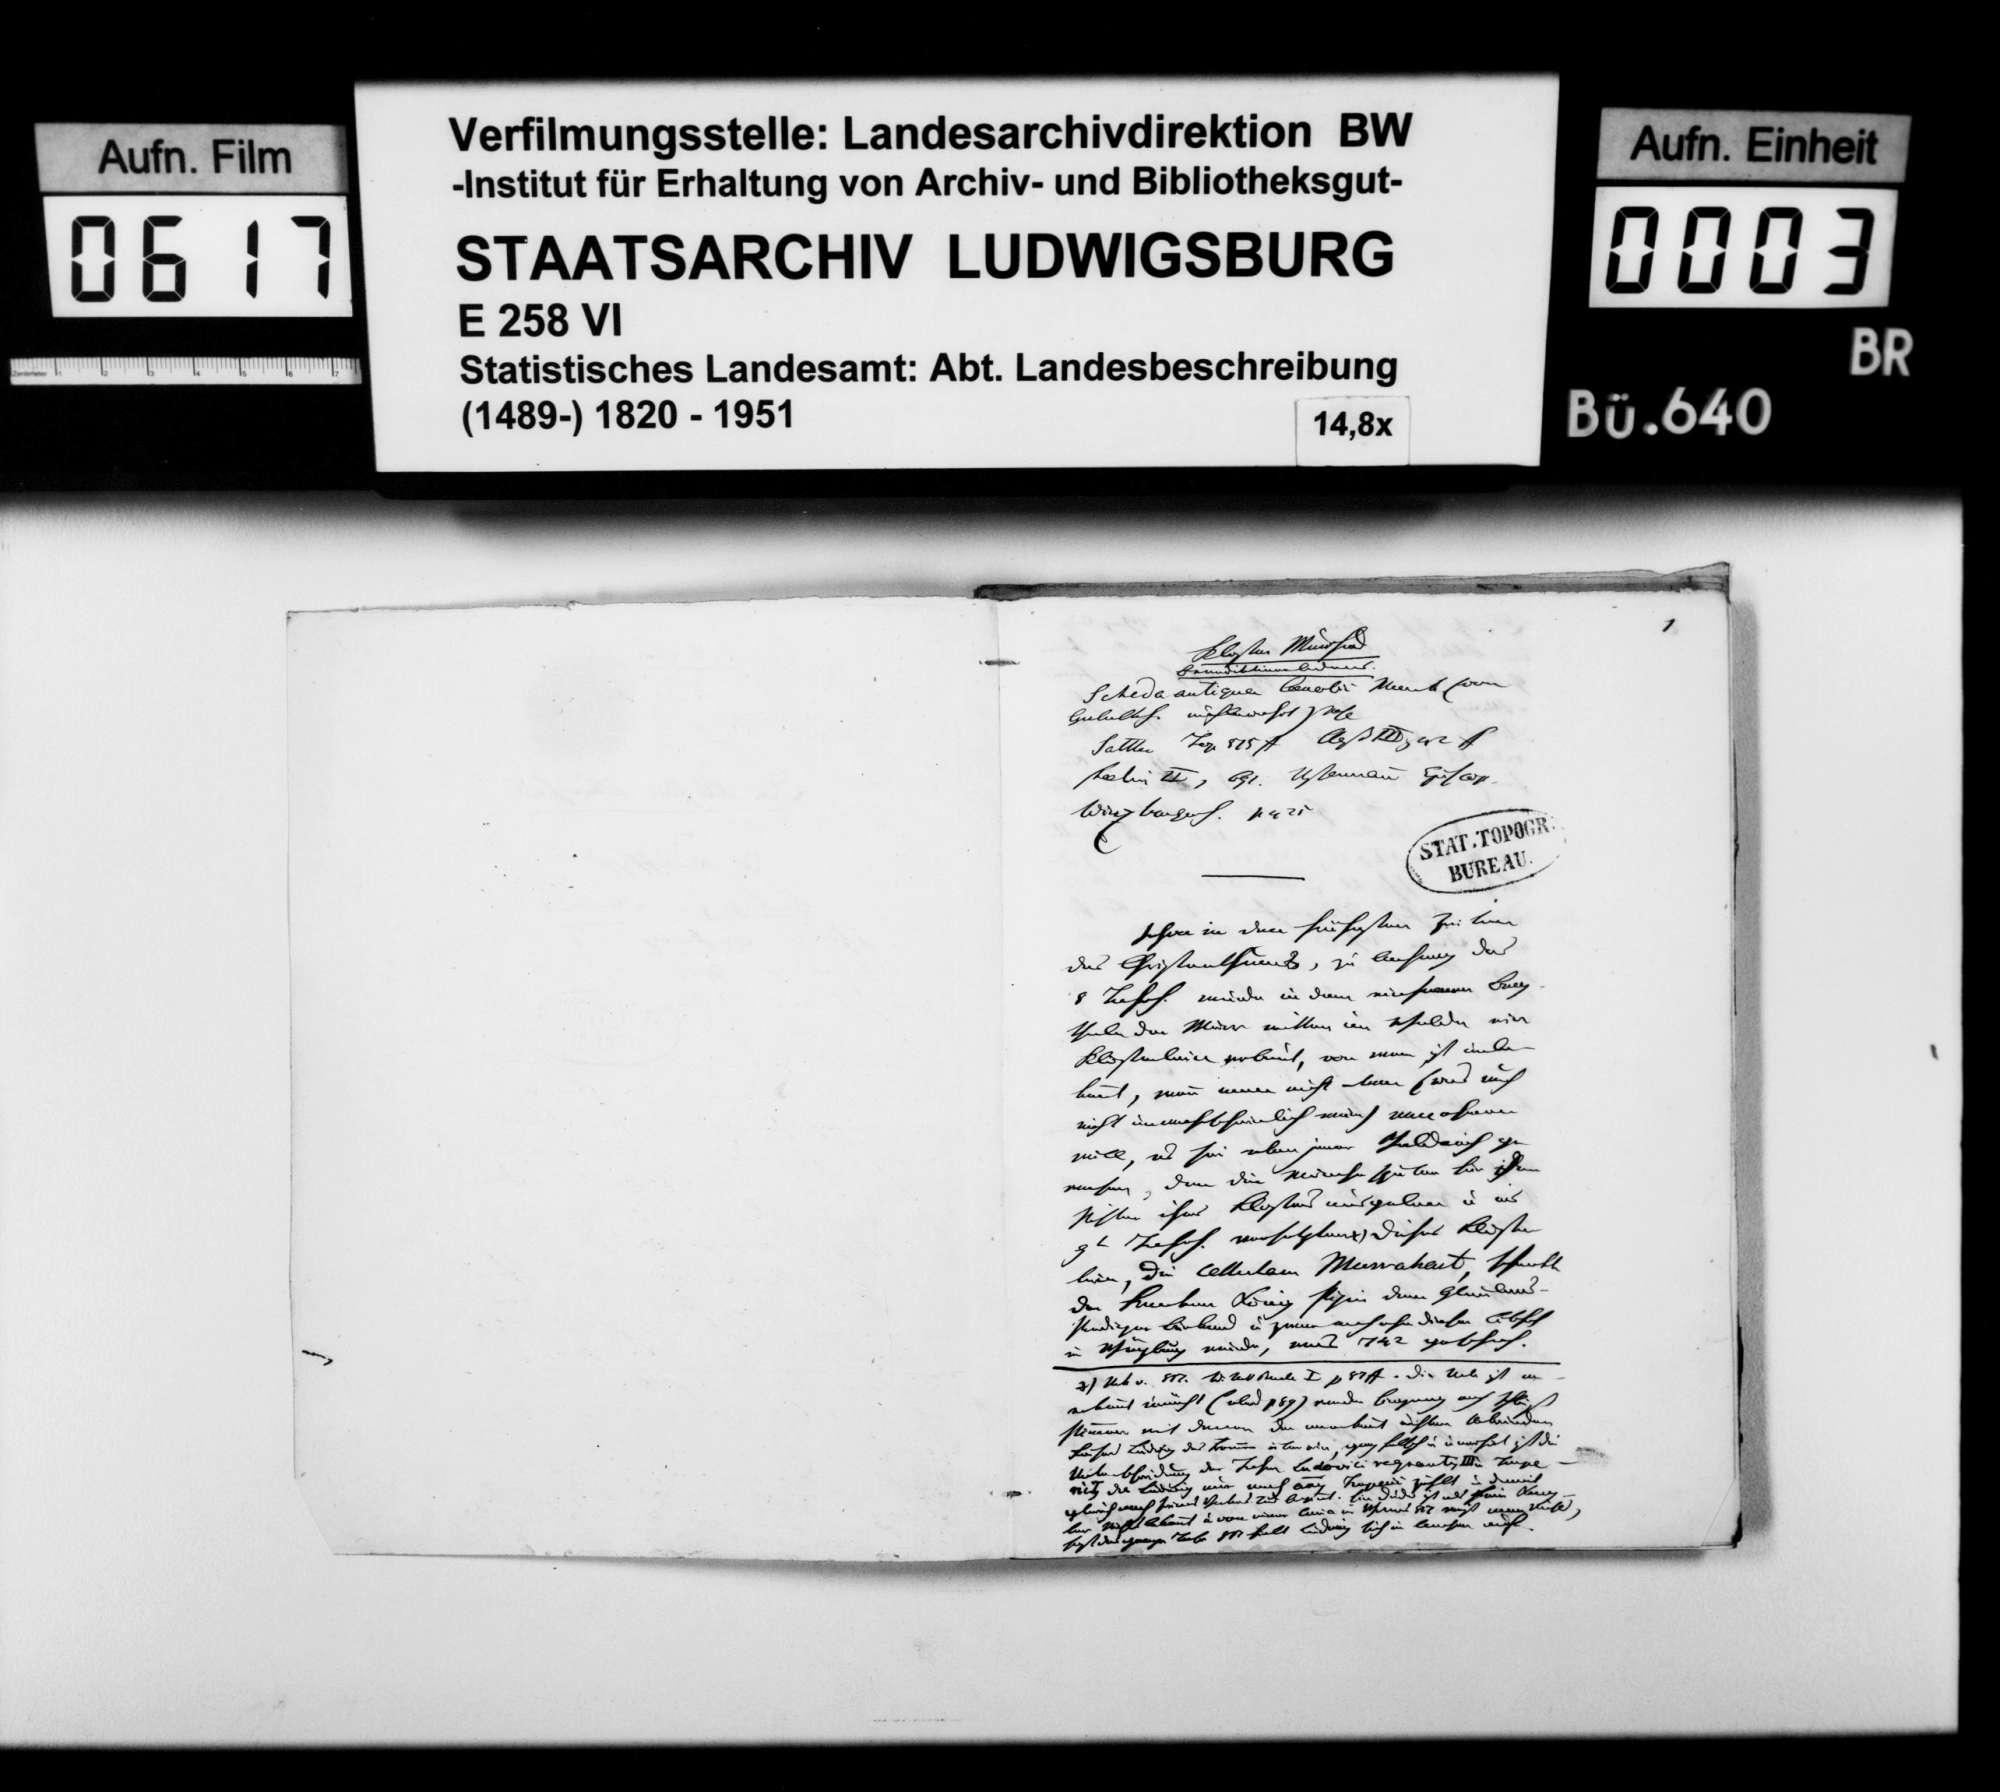 Beiträge des [Esslinger Konrektors] Karl Pfaff zur historiographischen Beschreibung des Oberamts, Bild 2